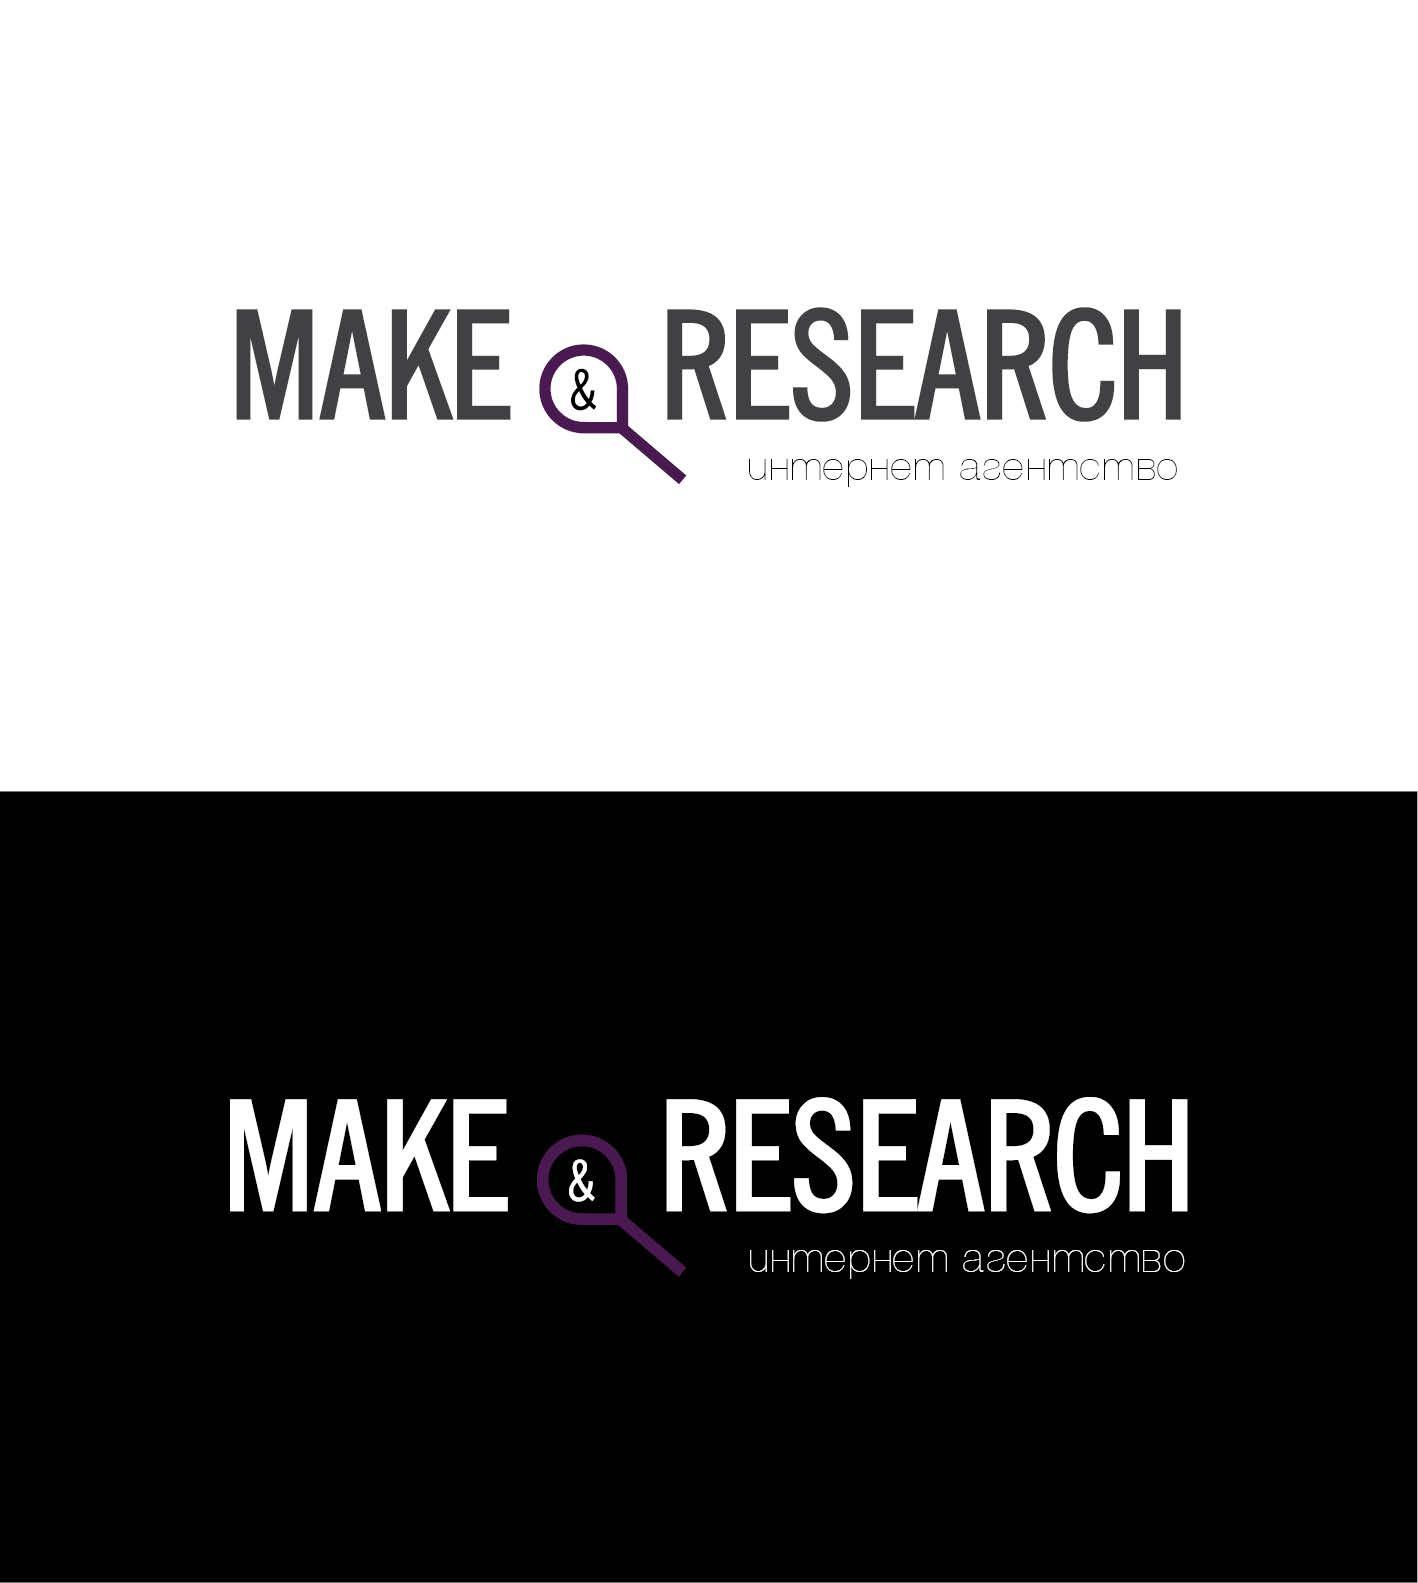 Разработка логотипа и фирменного стиля - дизайнер Alina_Ks